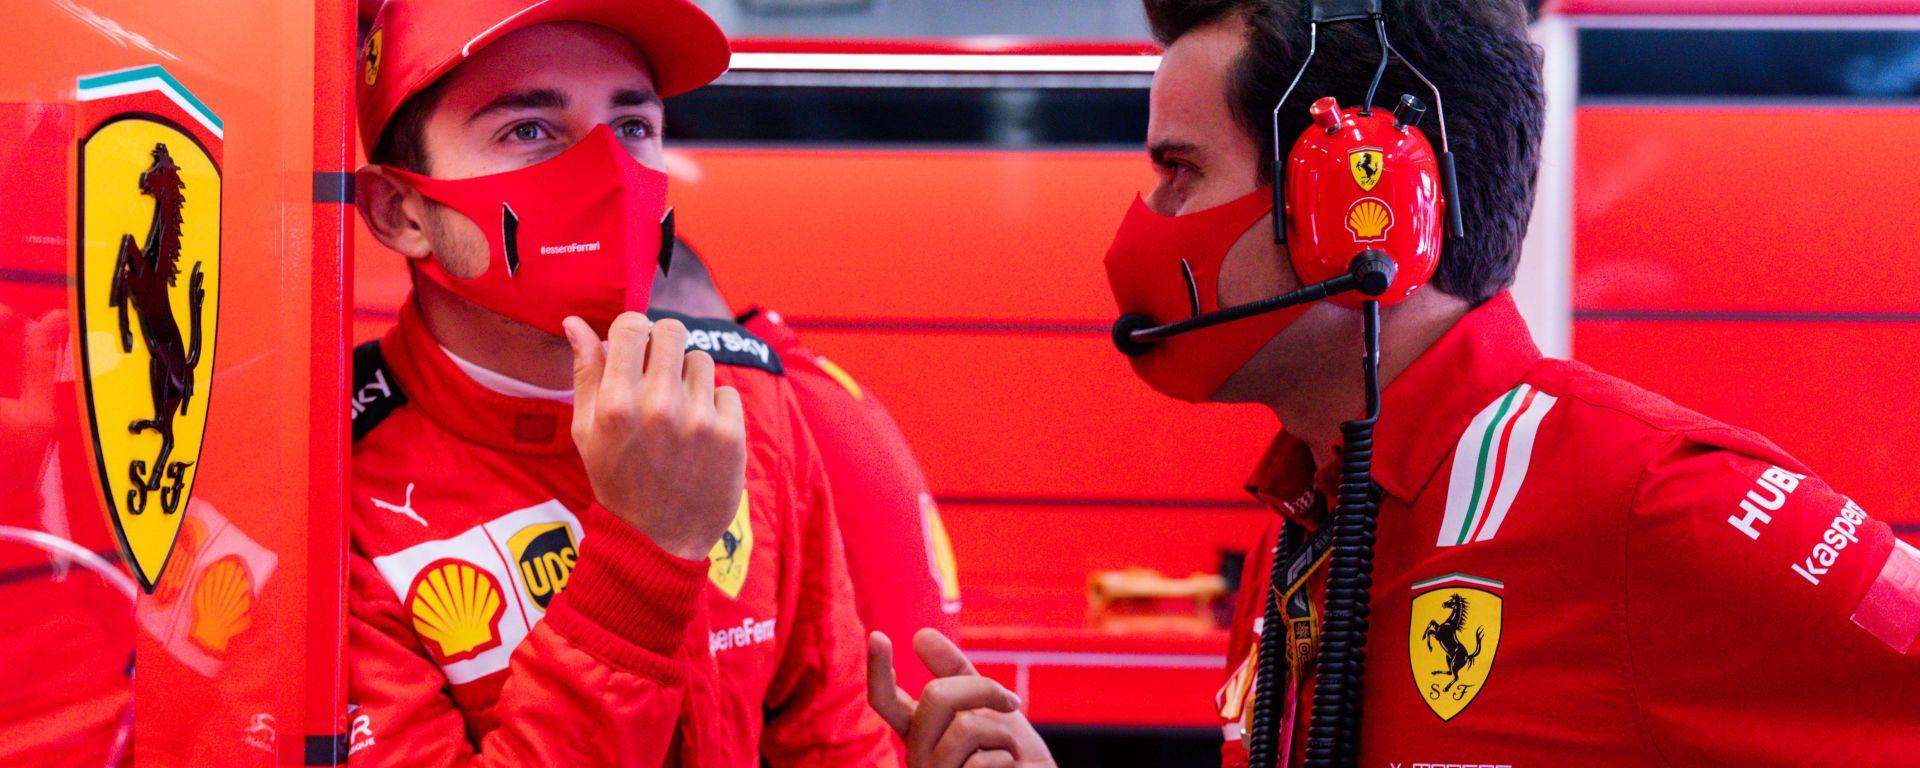 Tutti negativi i test al coronavirus, ma la FIA redarguisce la Ferrari